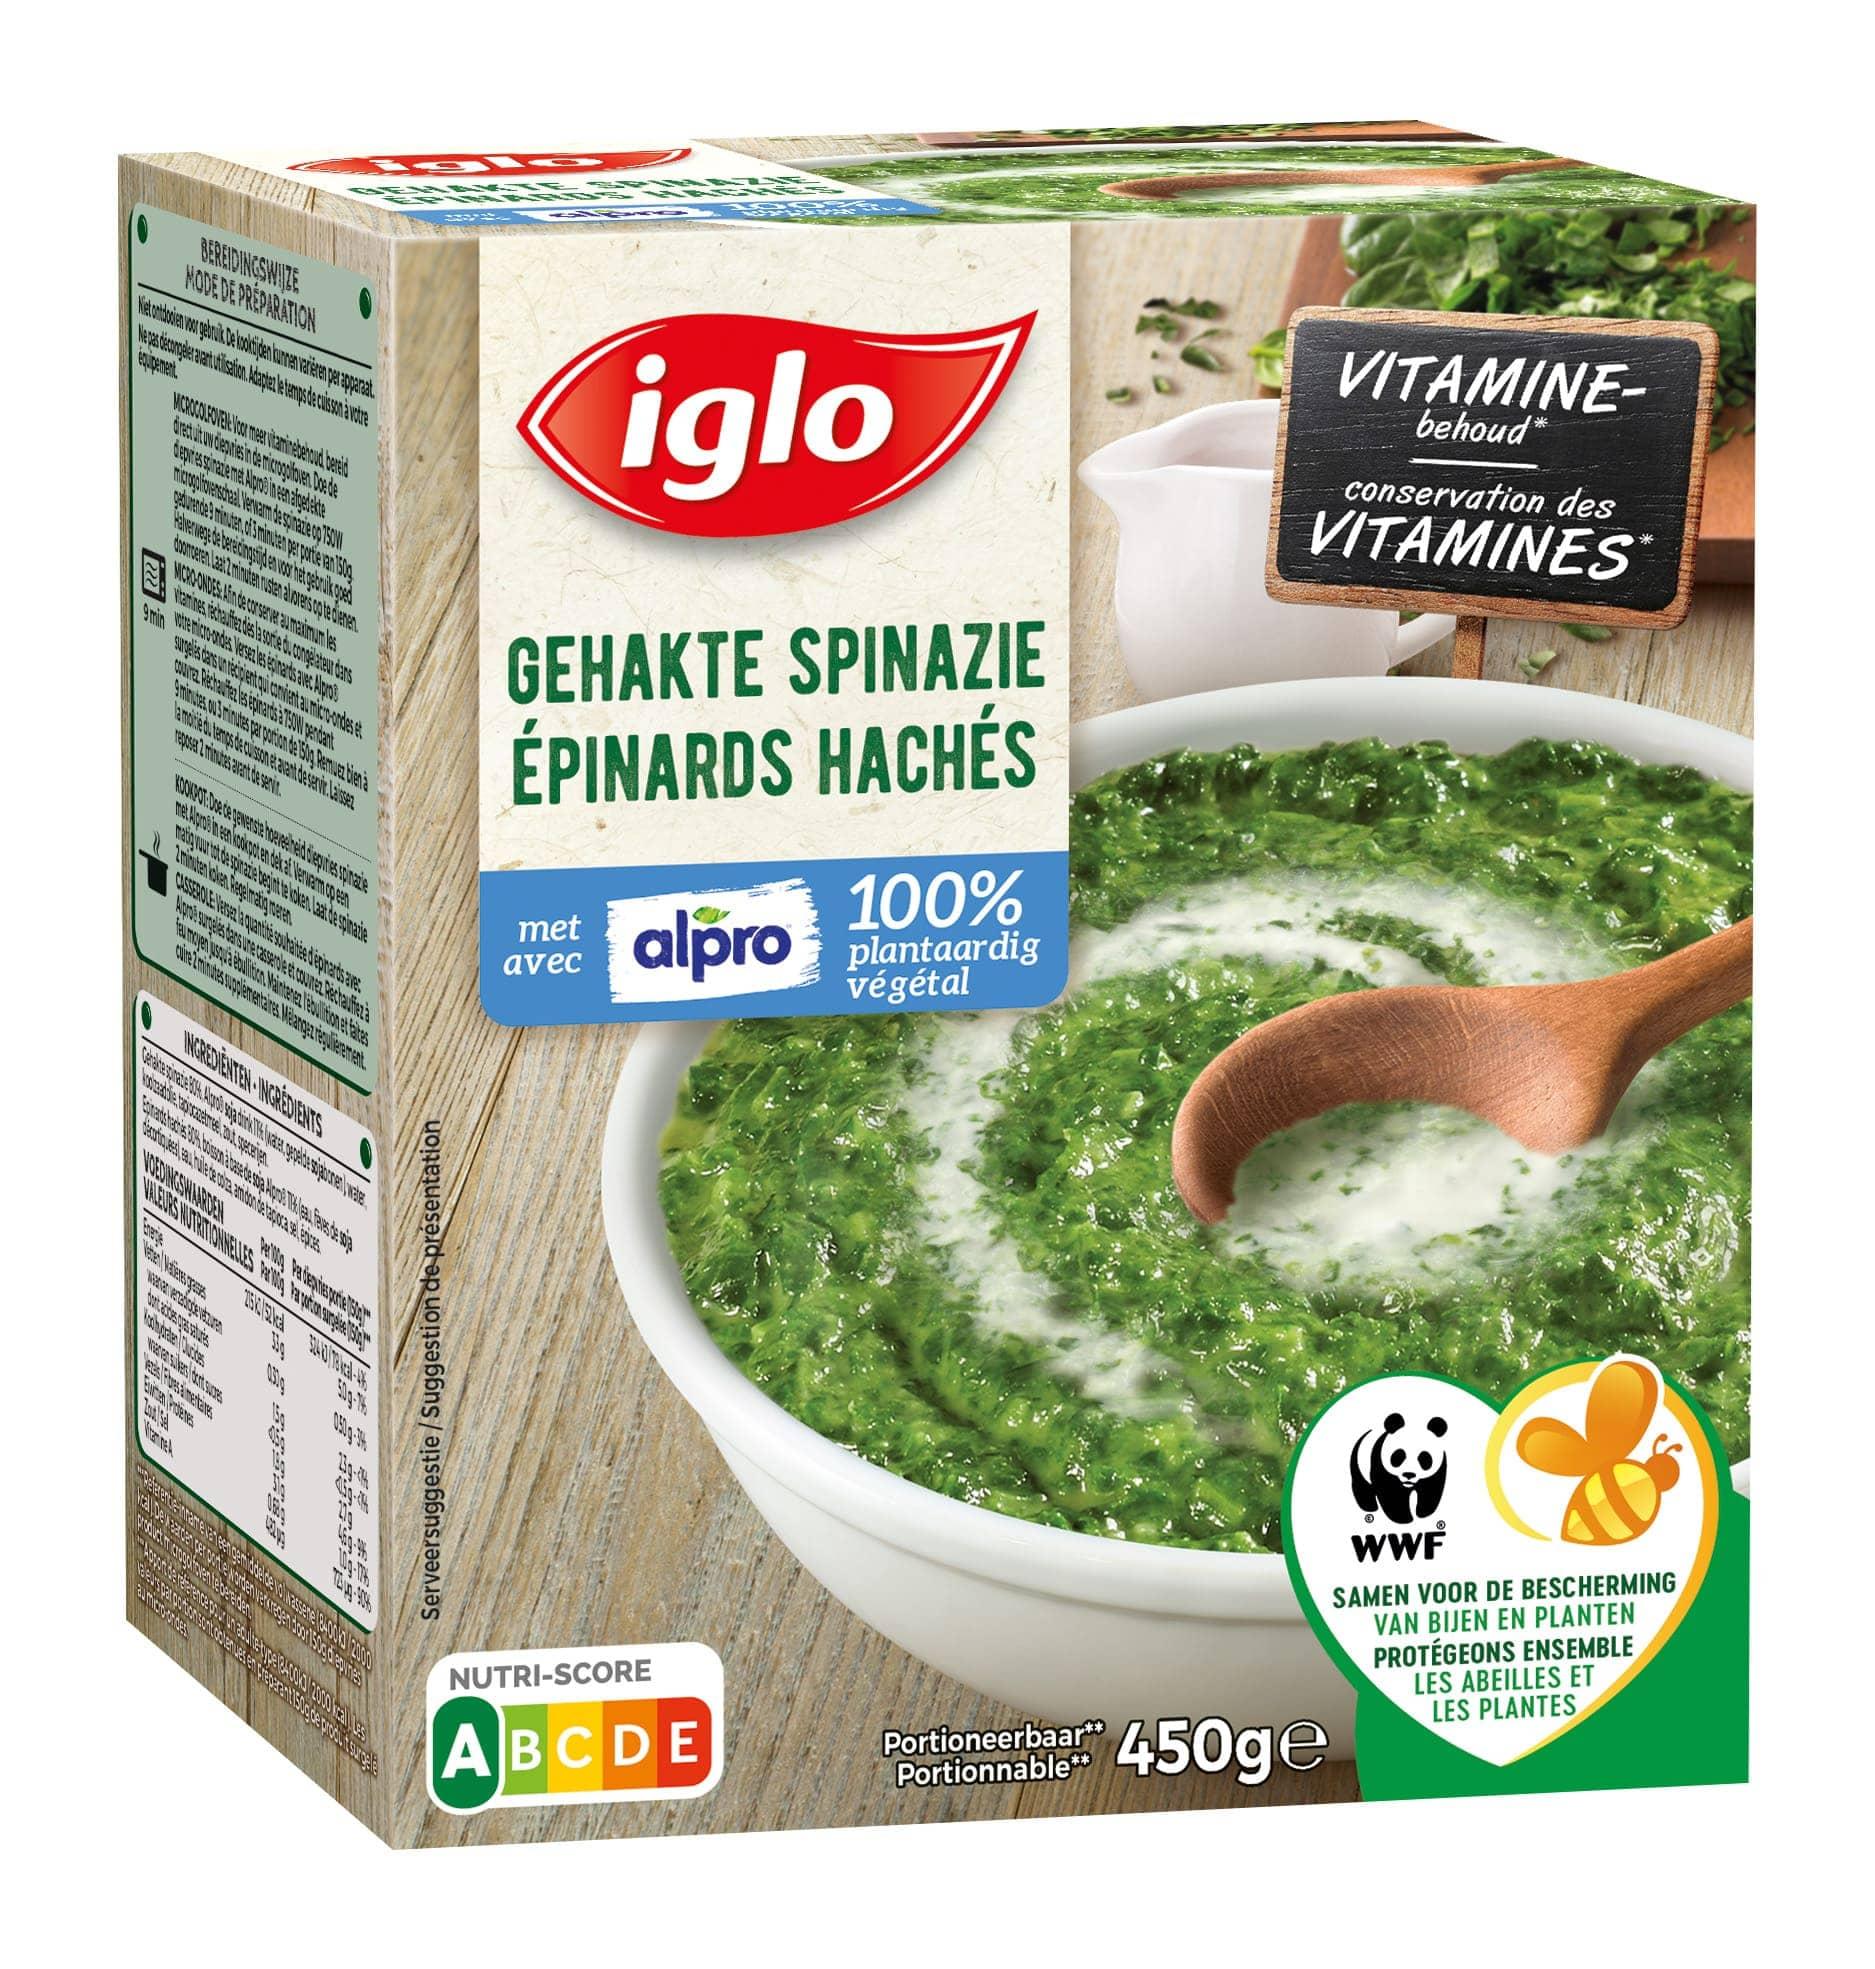 Gehakte spinazie met Alpro